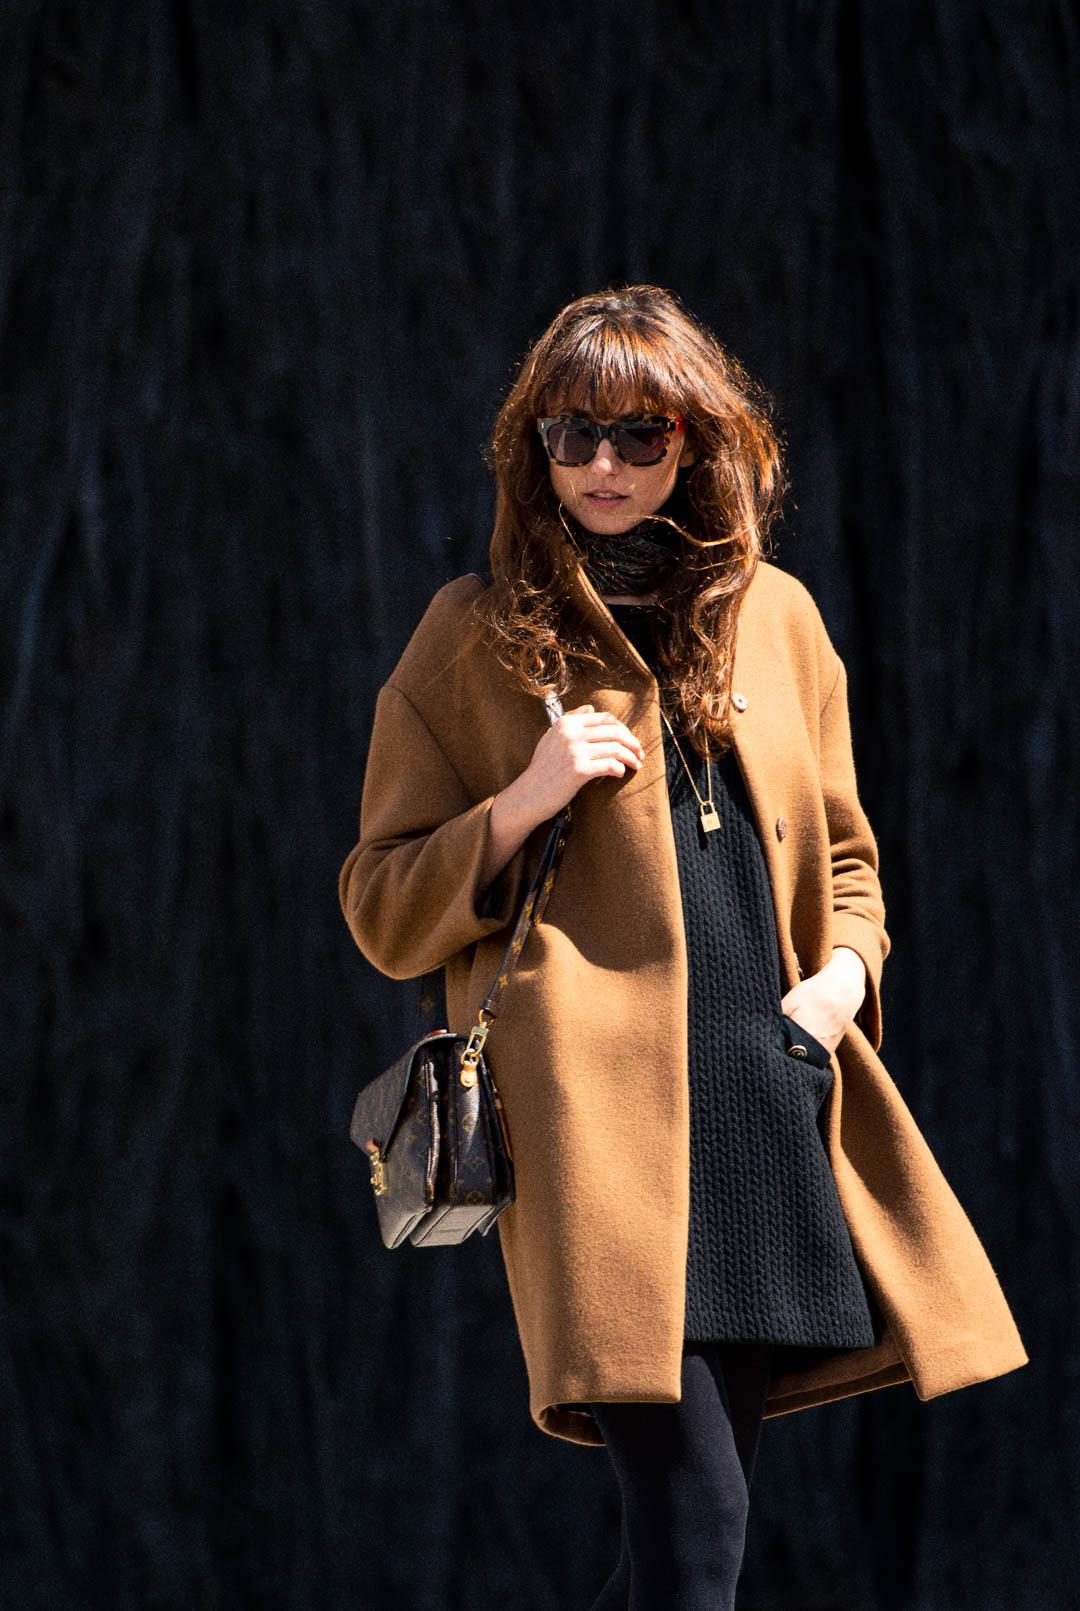 mayte-de-la-iglesia-street-style-abrigo-camel-web-03